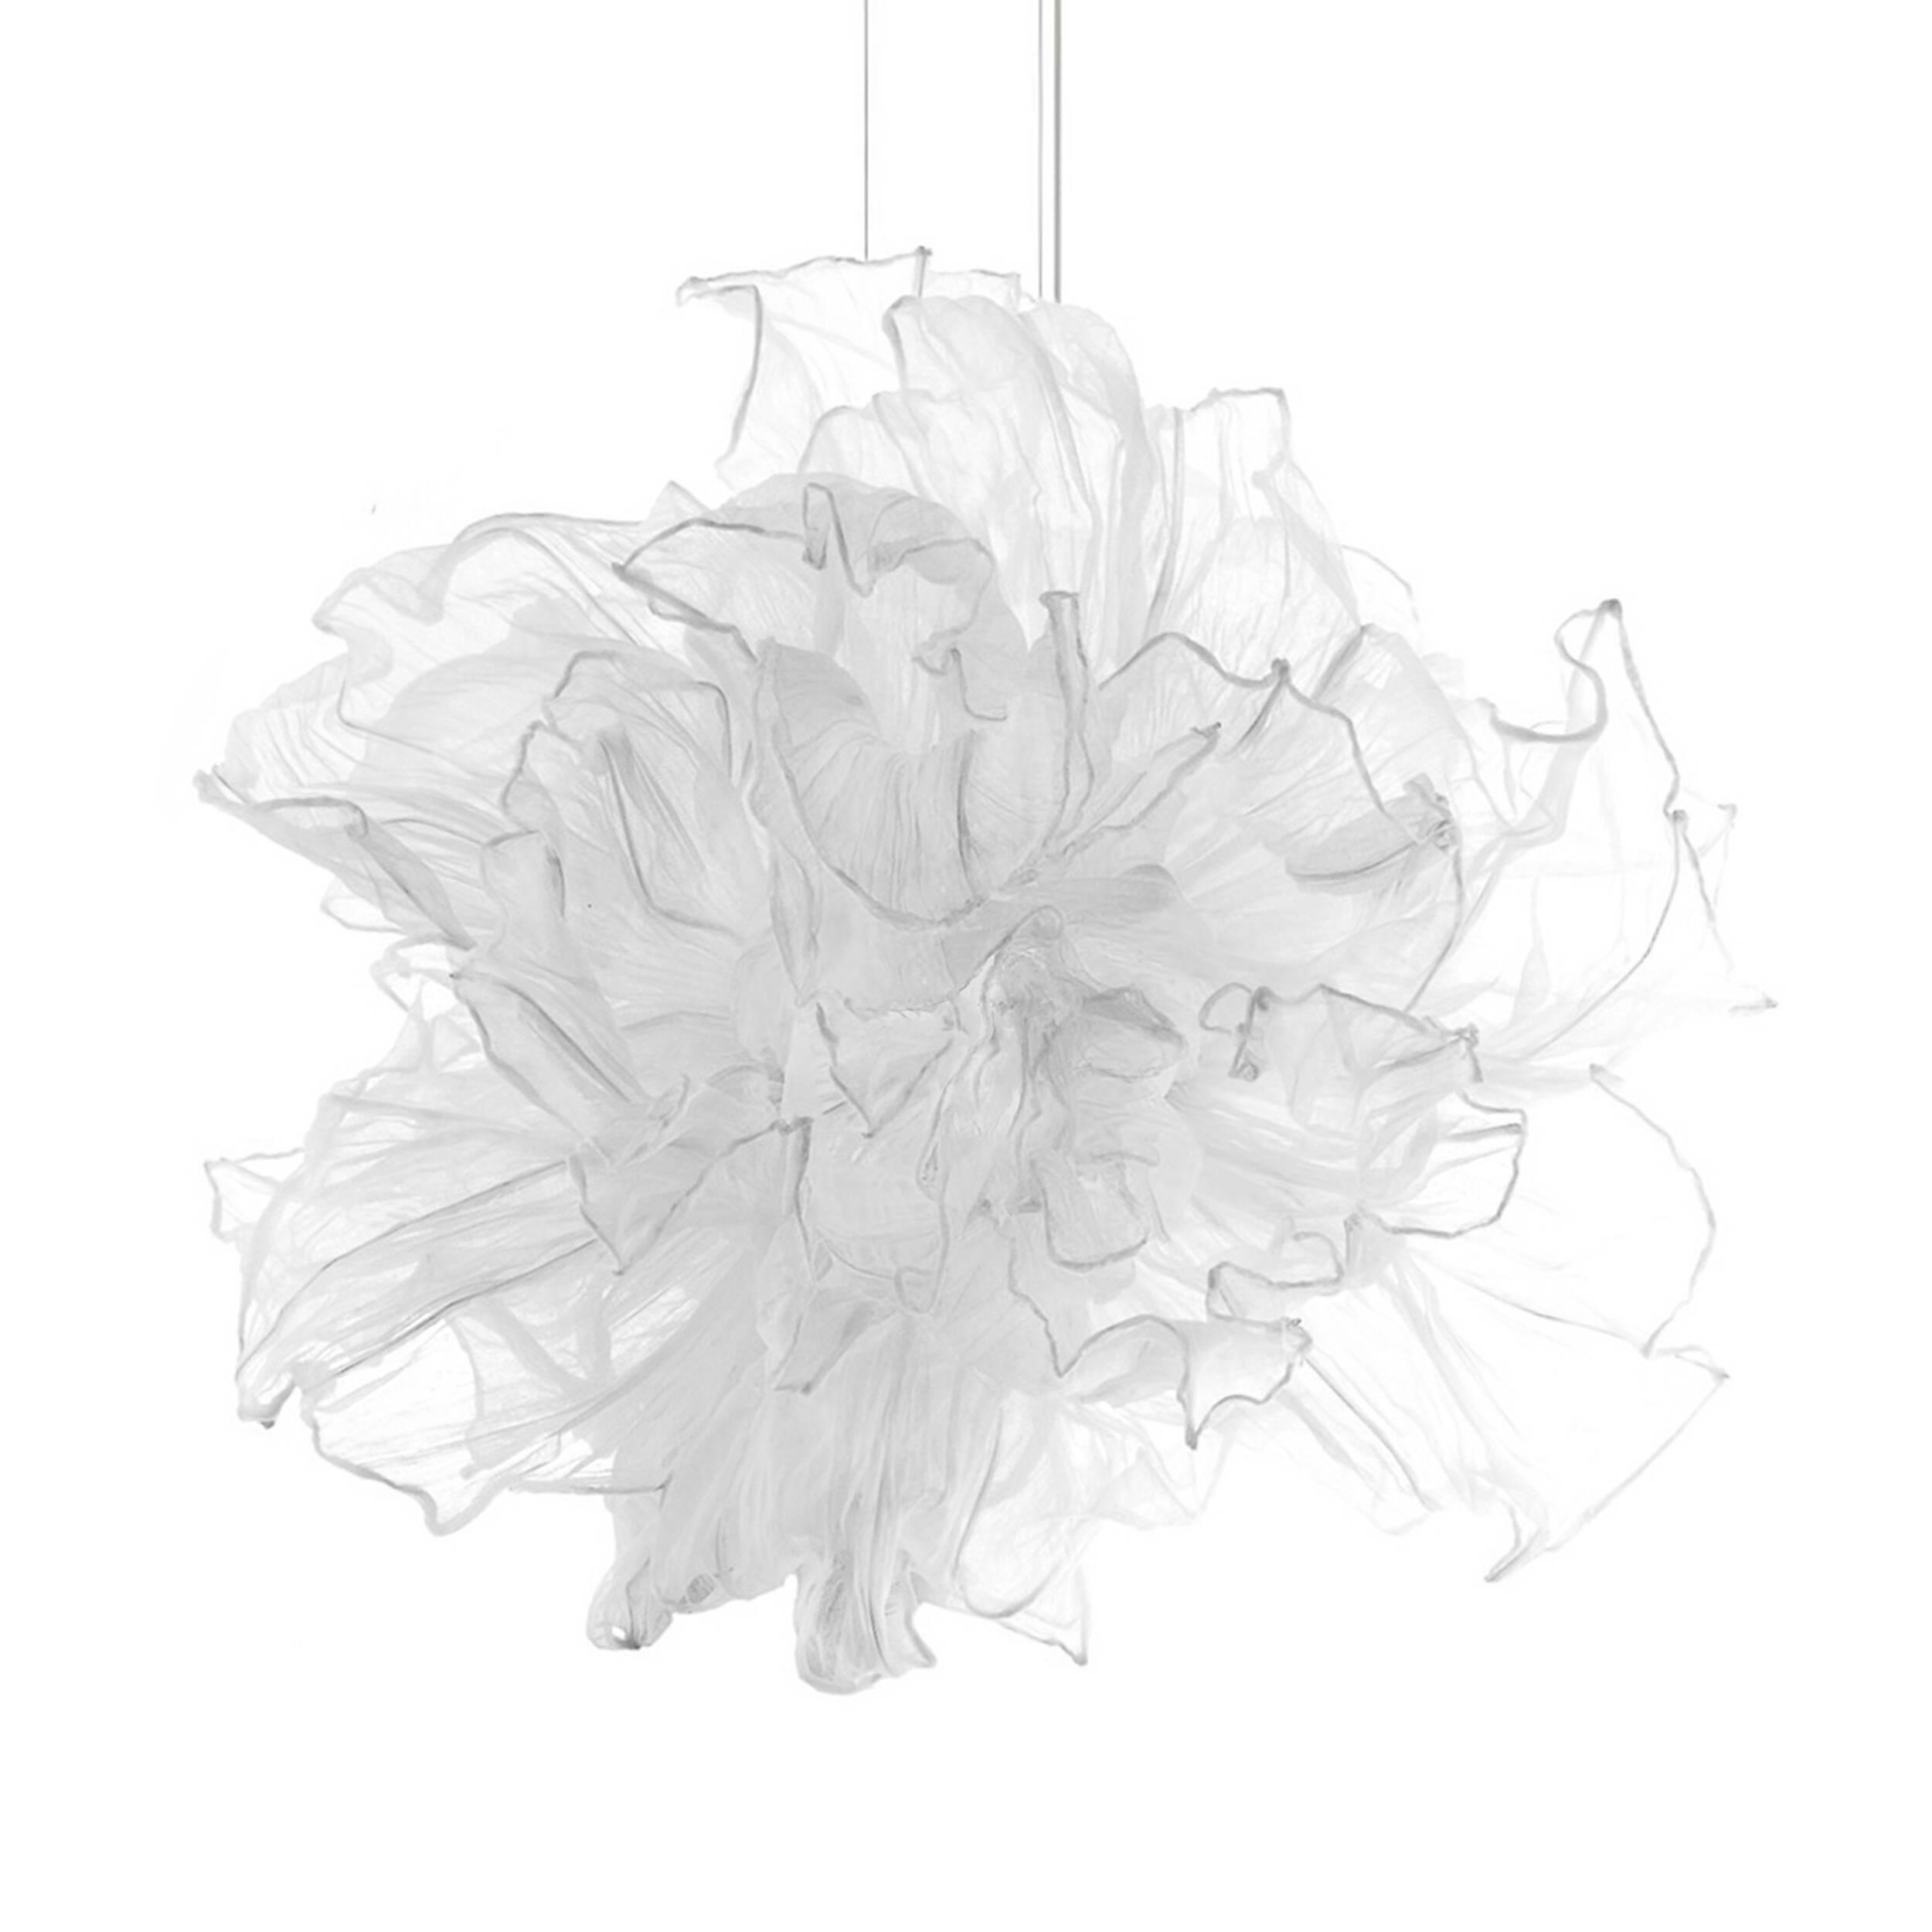 Подвесной светильник FandangoПодвесные<br>Подвесной светильник Fandango парит в воздухе подобно девушке, танцующей в платье с развевающейся пышной юбкой. Лепестки сделаны из хлопчатобумажного муслина, а по их краям вшита проволока. Несколько слоев лепестков, сделанных из ткани, могут быть с помощью проволоки расположены тем способом, который пожелает обладатель светильника.<br><br><br><br><br><br> Подвесной светильник Fandango разработал для фирмы Hive дизайнер Дэнни Фанг. Он закончил Академию Эйндховена в Голландии, а теперь работает в сво...<br><br>stock: 0<br>Высота: 65<br>Диаметр: 100<br>Количество ламп: 2<br>Материал абажура: Хлопок<br>Материал арматуры: Металл<br>Мощность лампы: 50W<br>Тип лампы/цоколь: G9